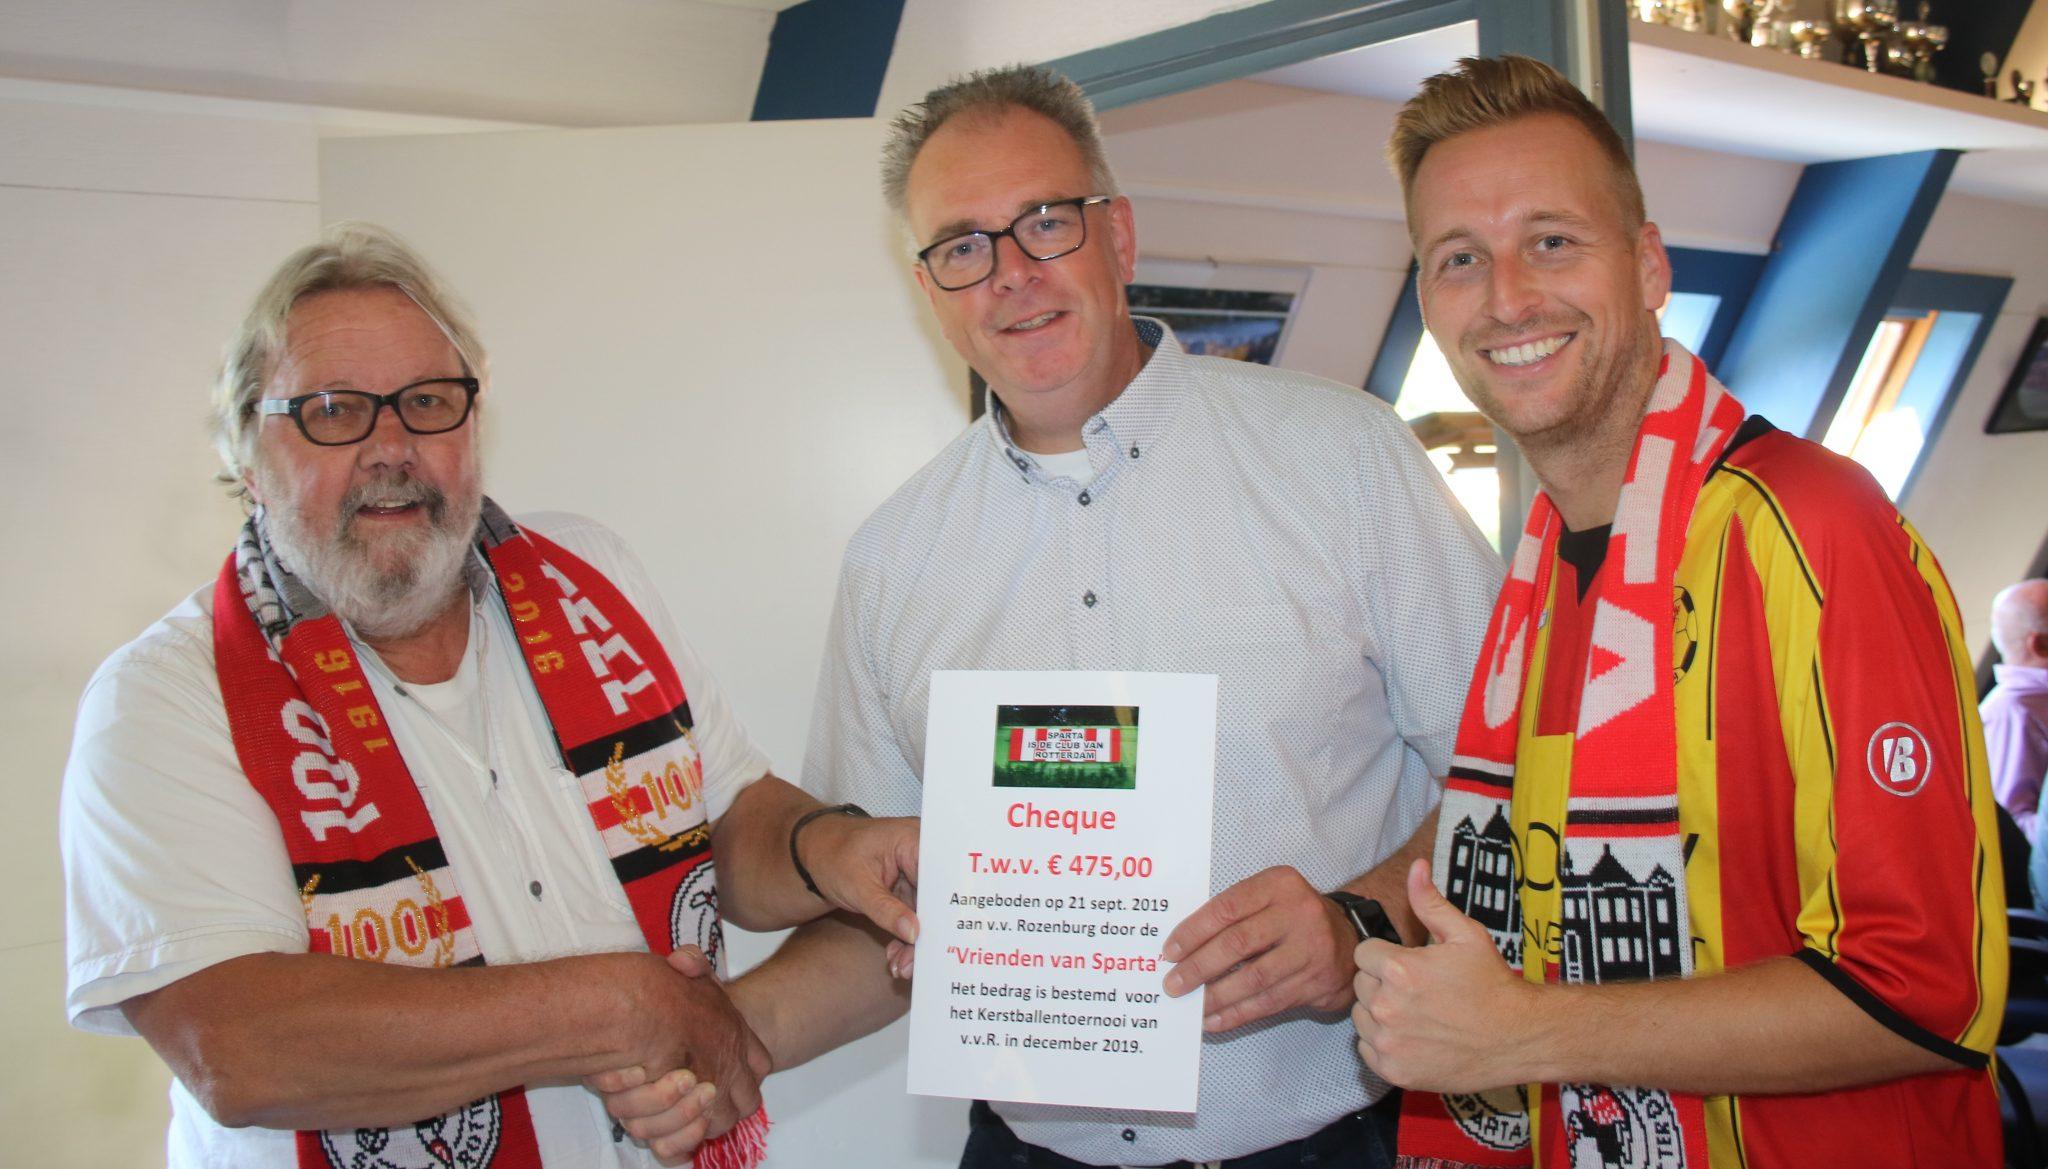 Cheque aangeboden; Kerstballentoernooi 2019 verzekerd